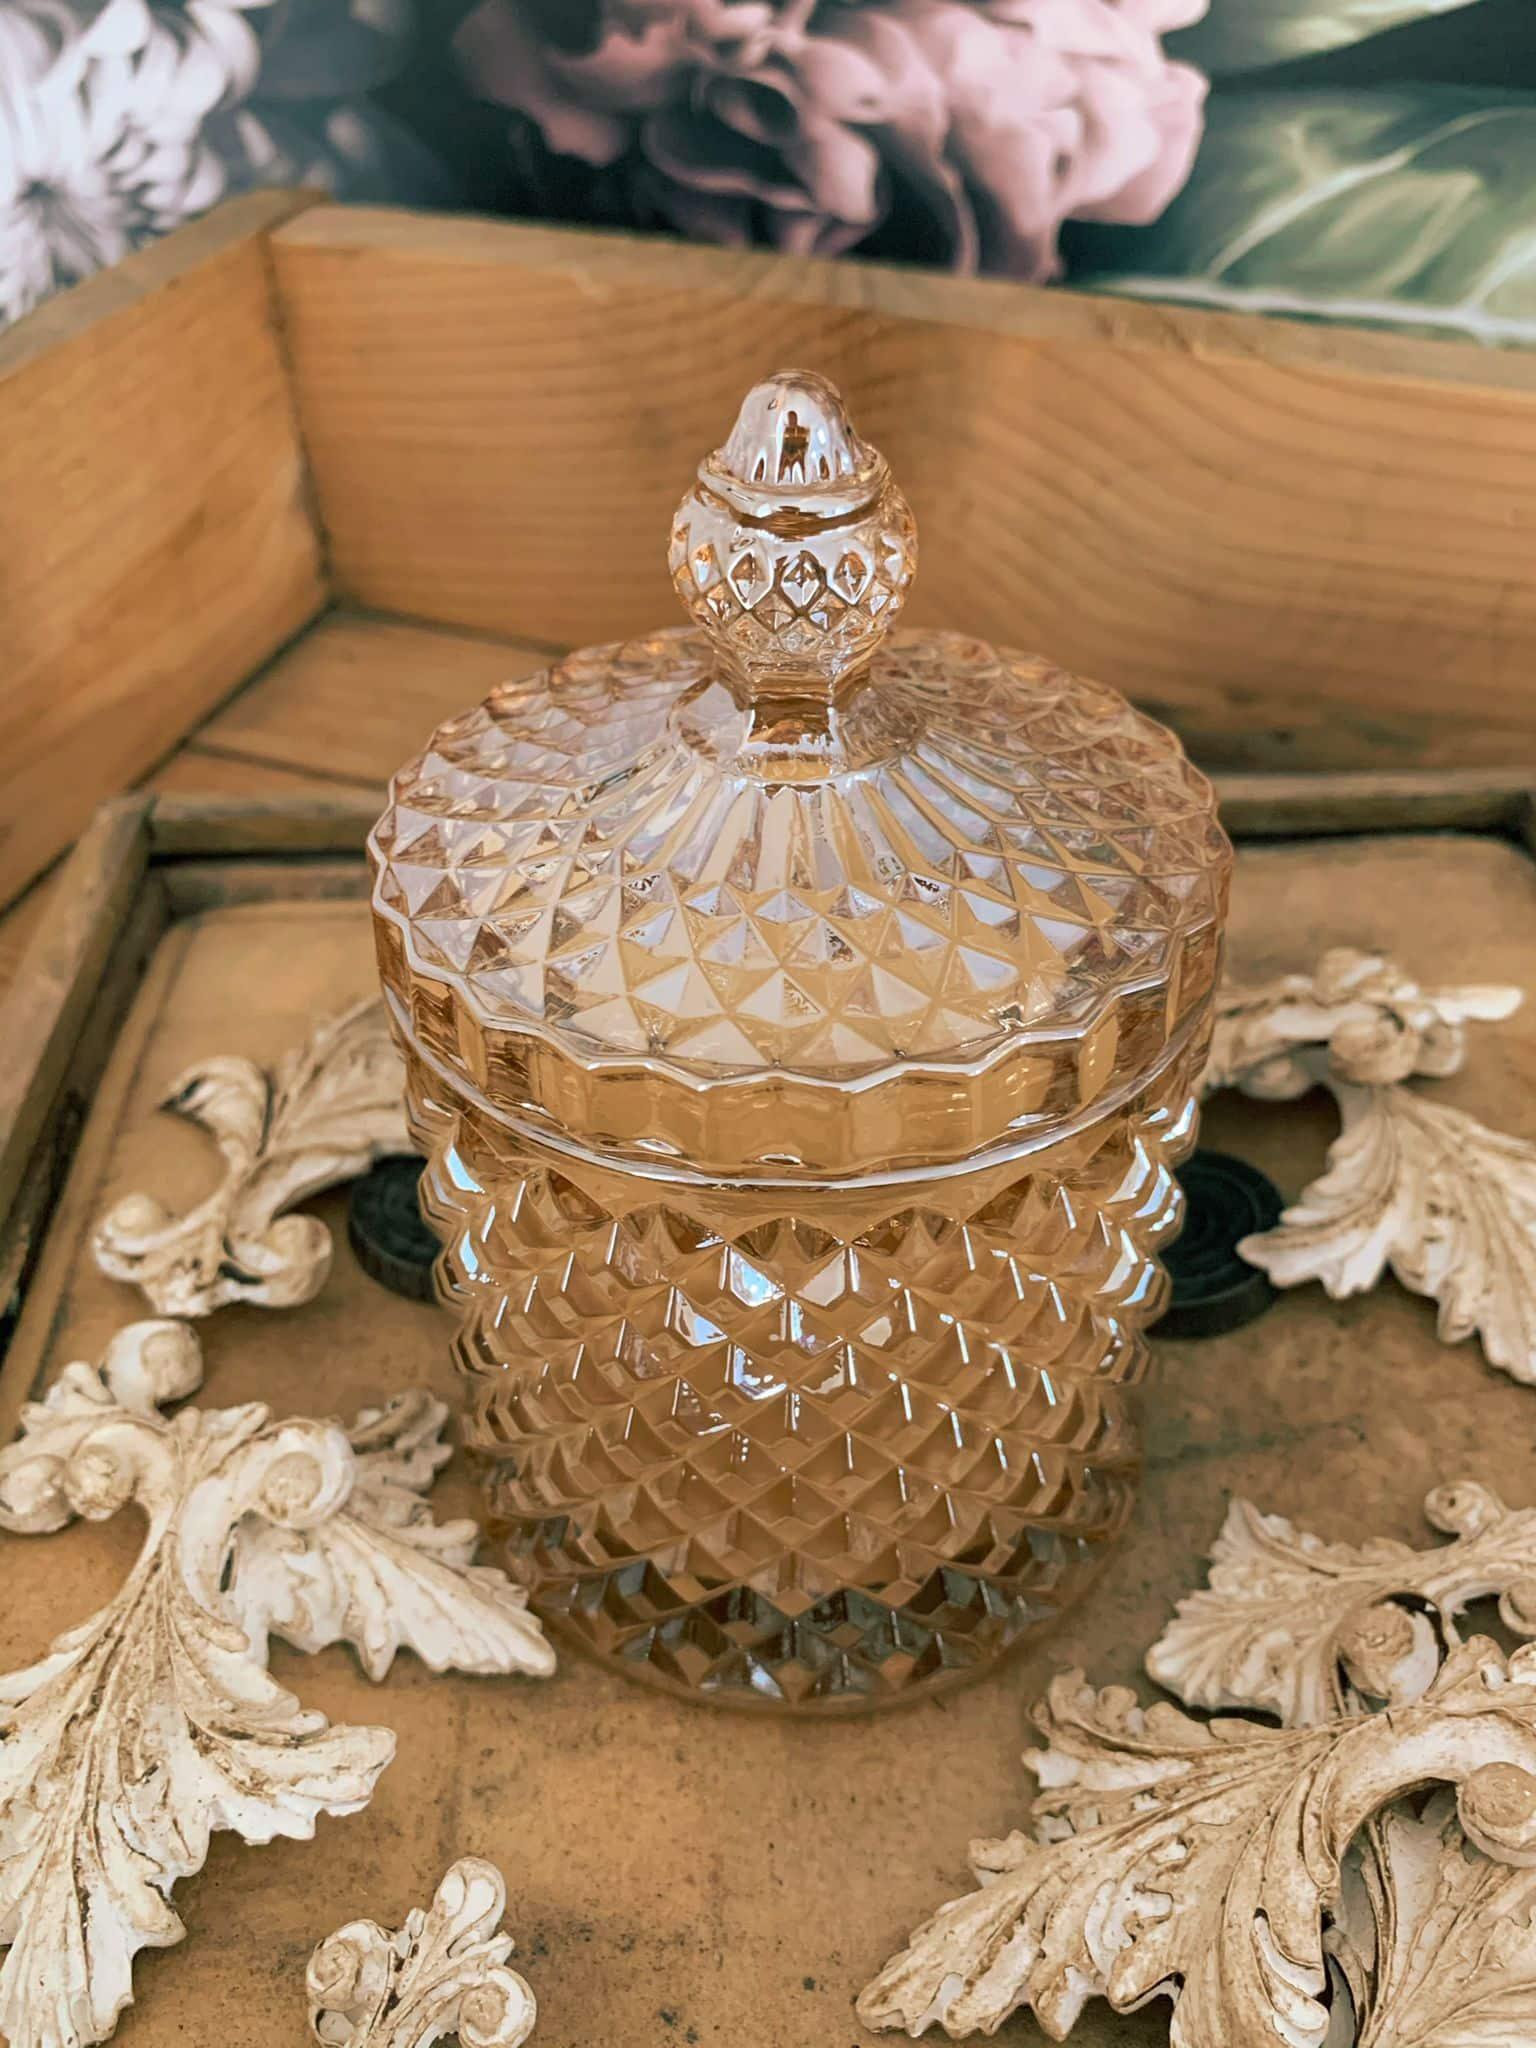 vendita online candele artigianali cera di soia biologica